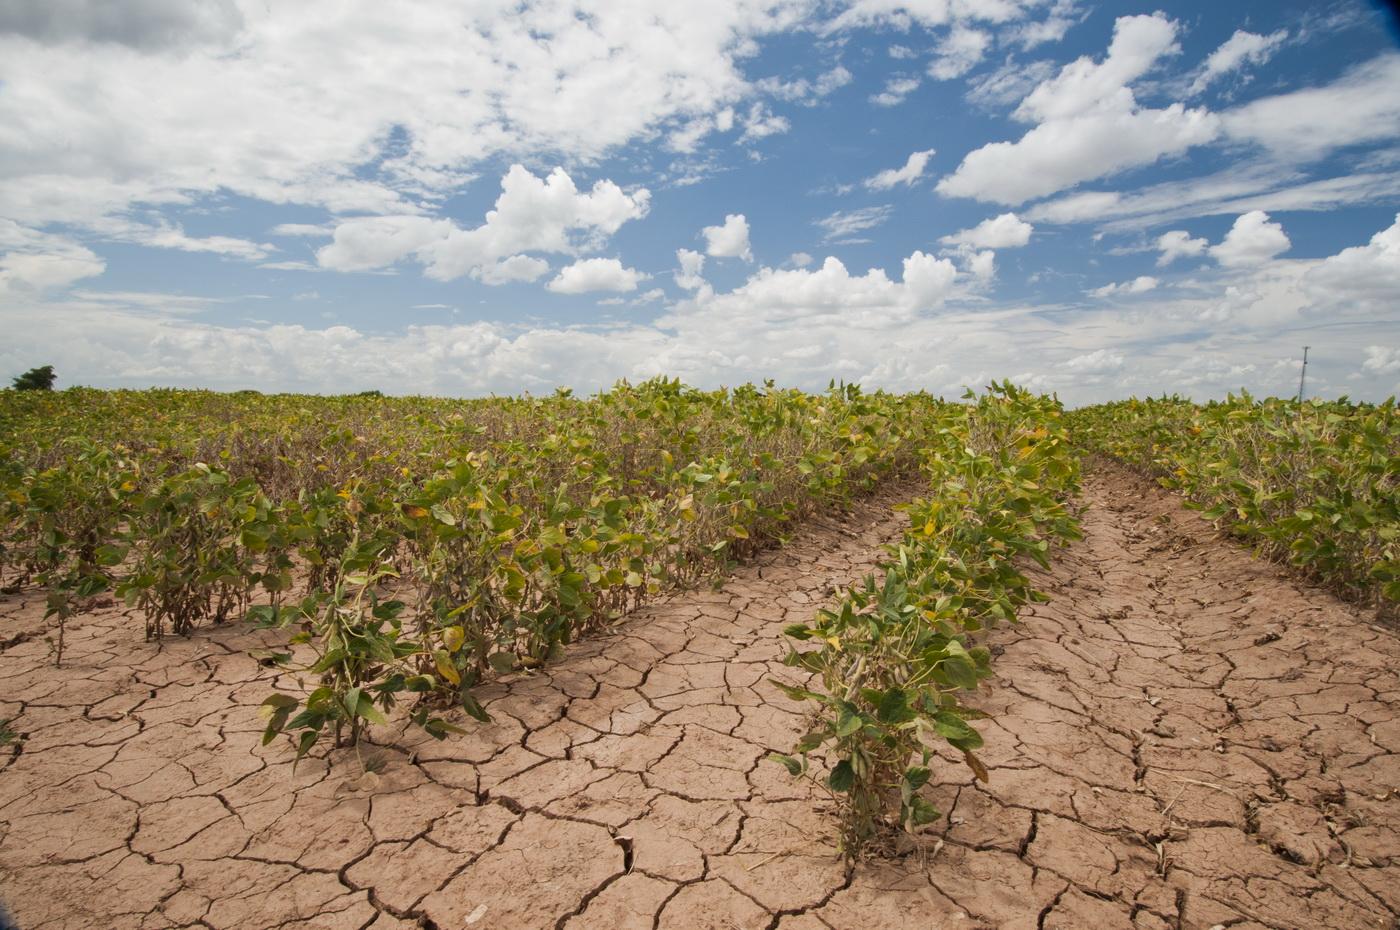 Η Ελλάδα δεν φροντίζει για το κλίμα της